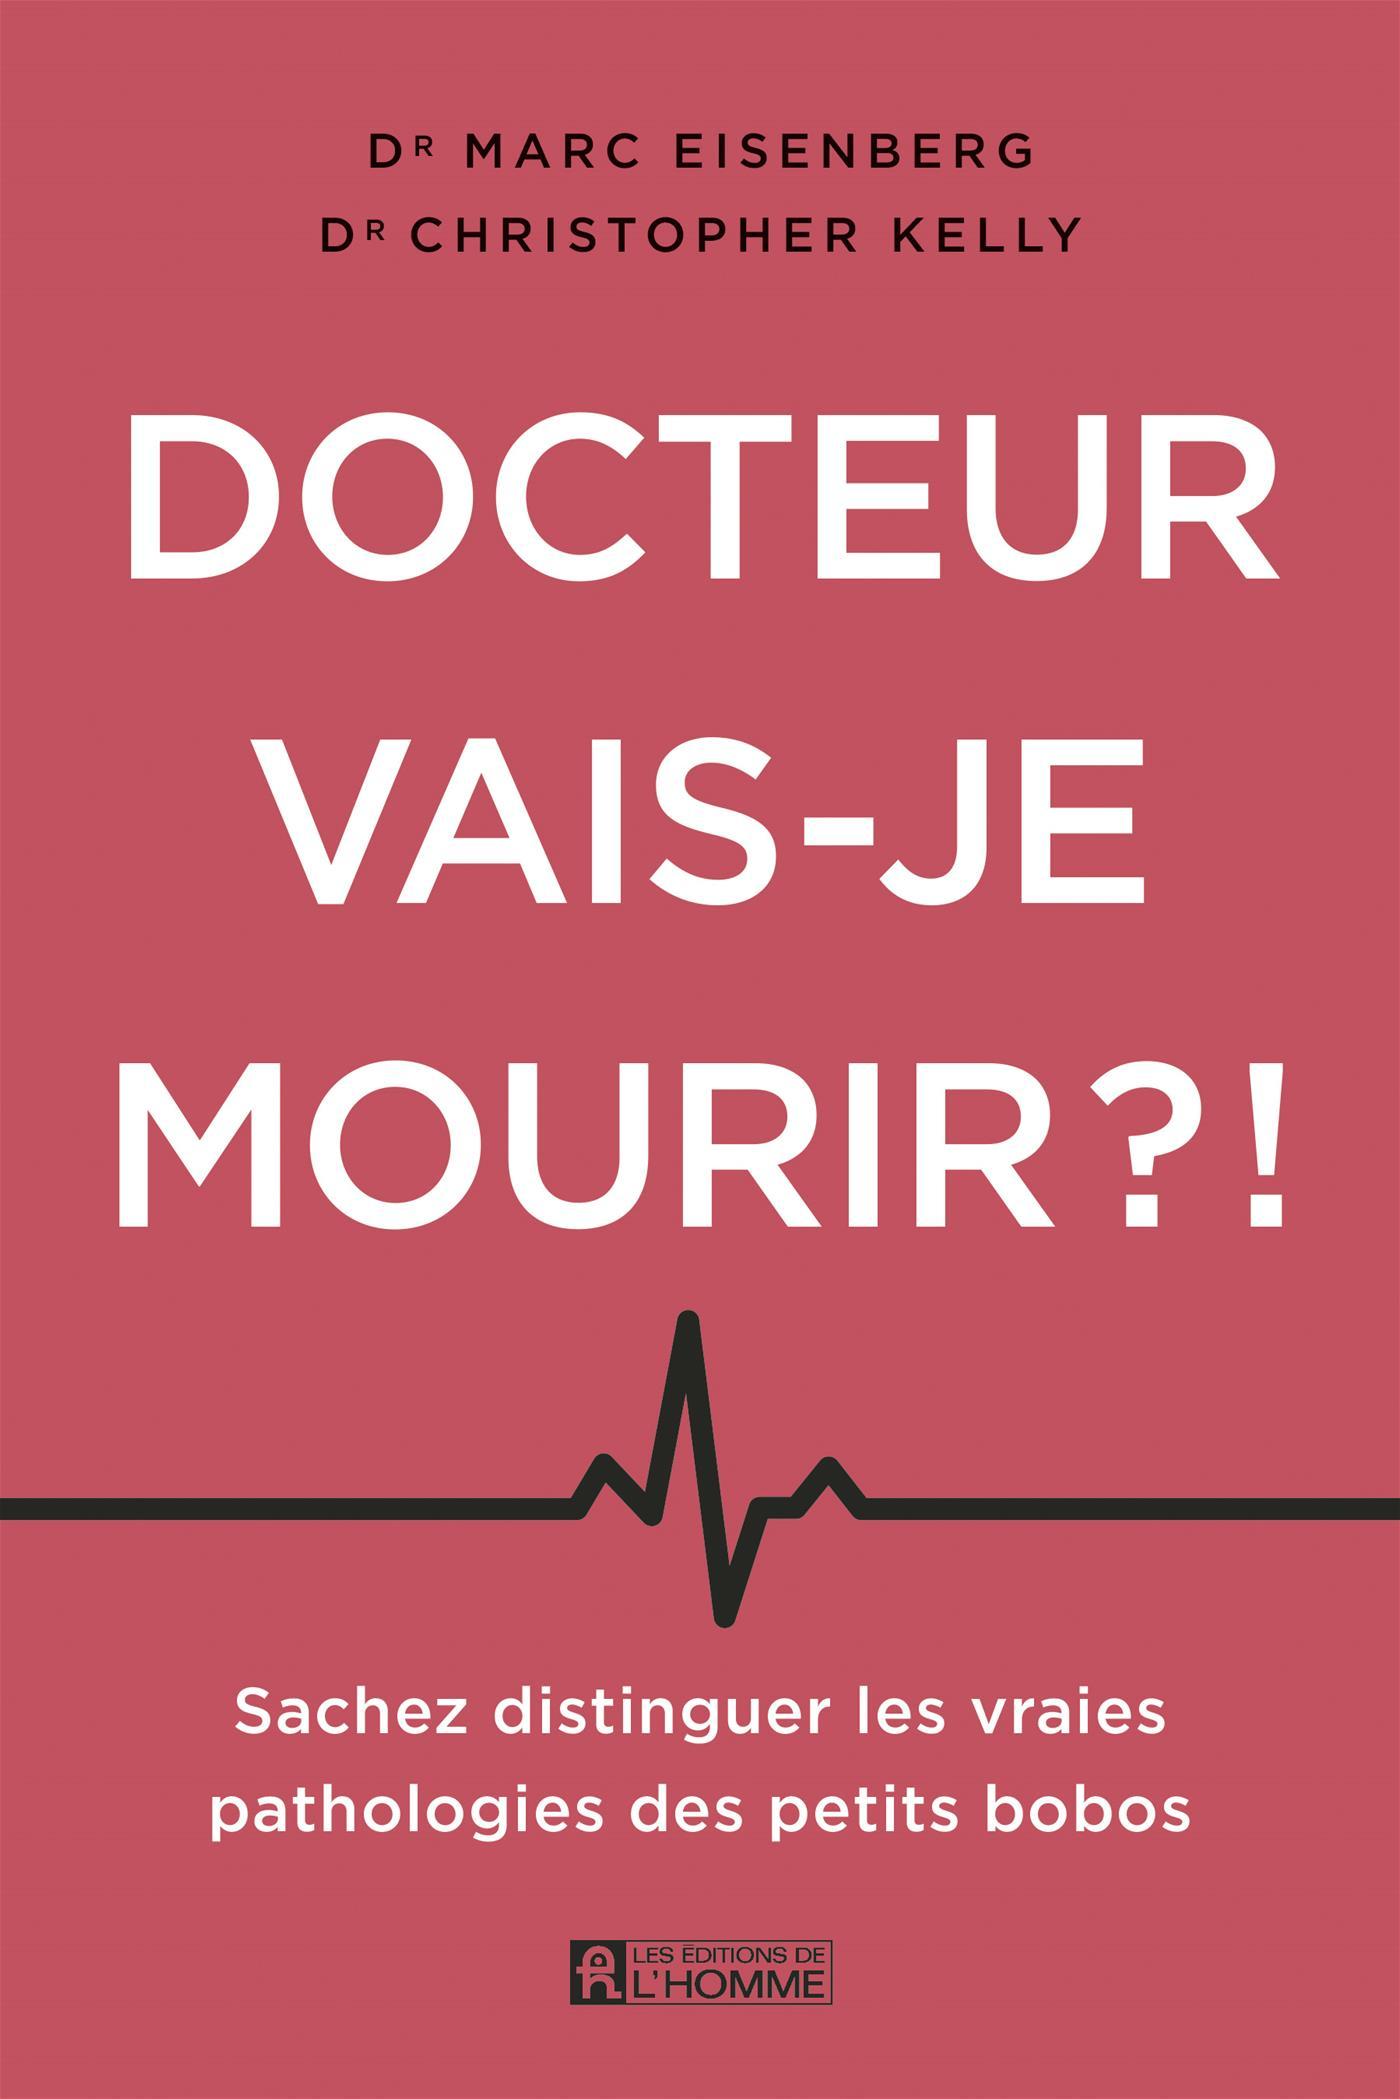 Docteur, vais-je mourir?!